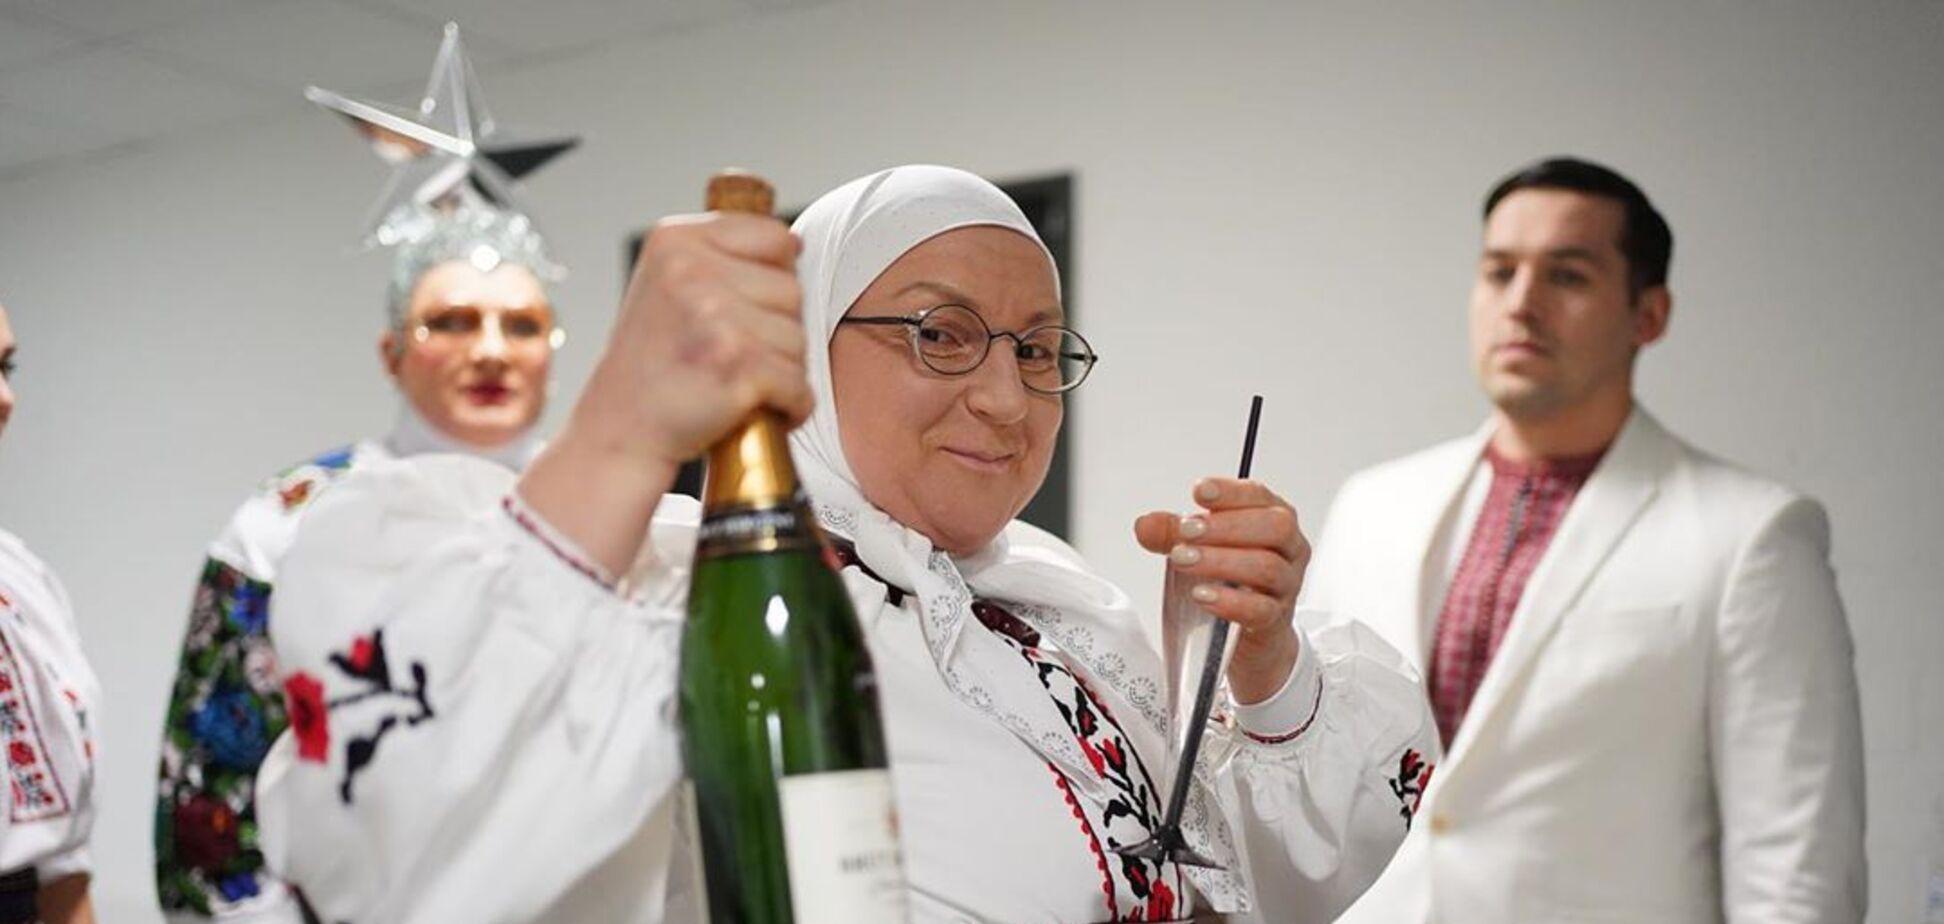 Мама Верки Сердючки без грима: как 52-летняя Инна Белоконь выглядит в жизни